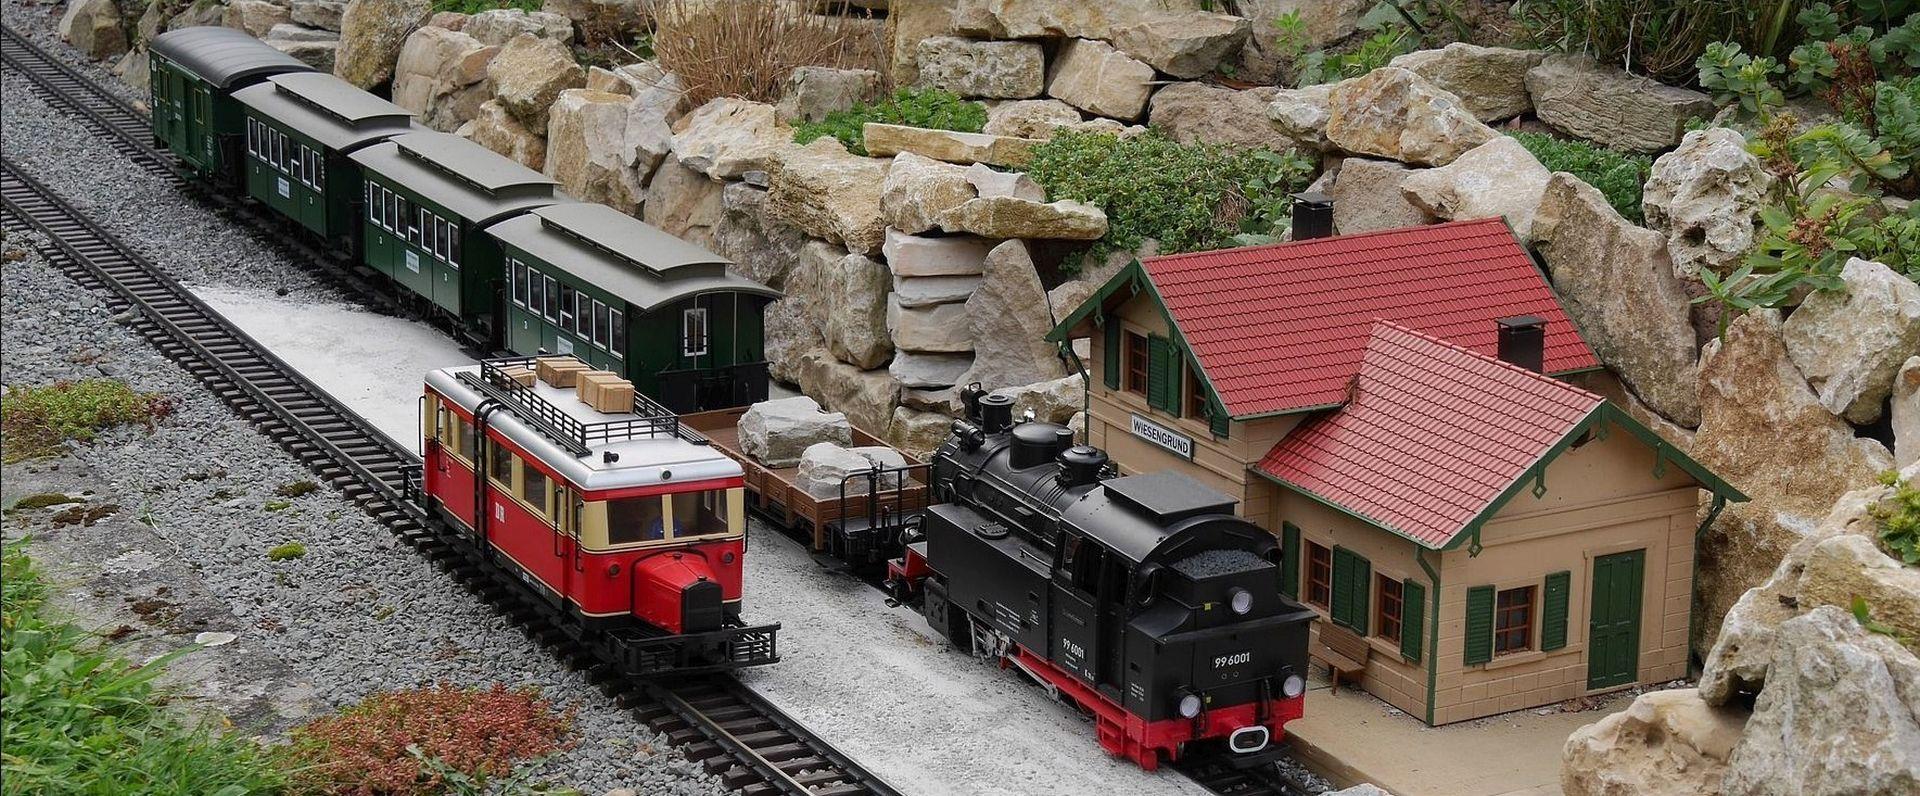 Modelleisenbahn mit Bahnhog